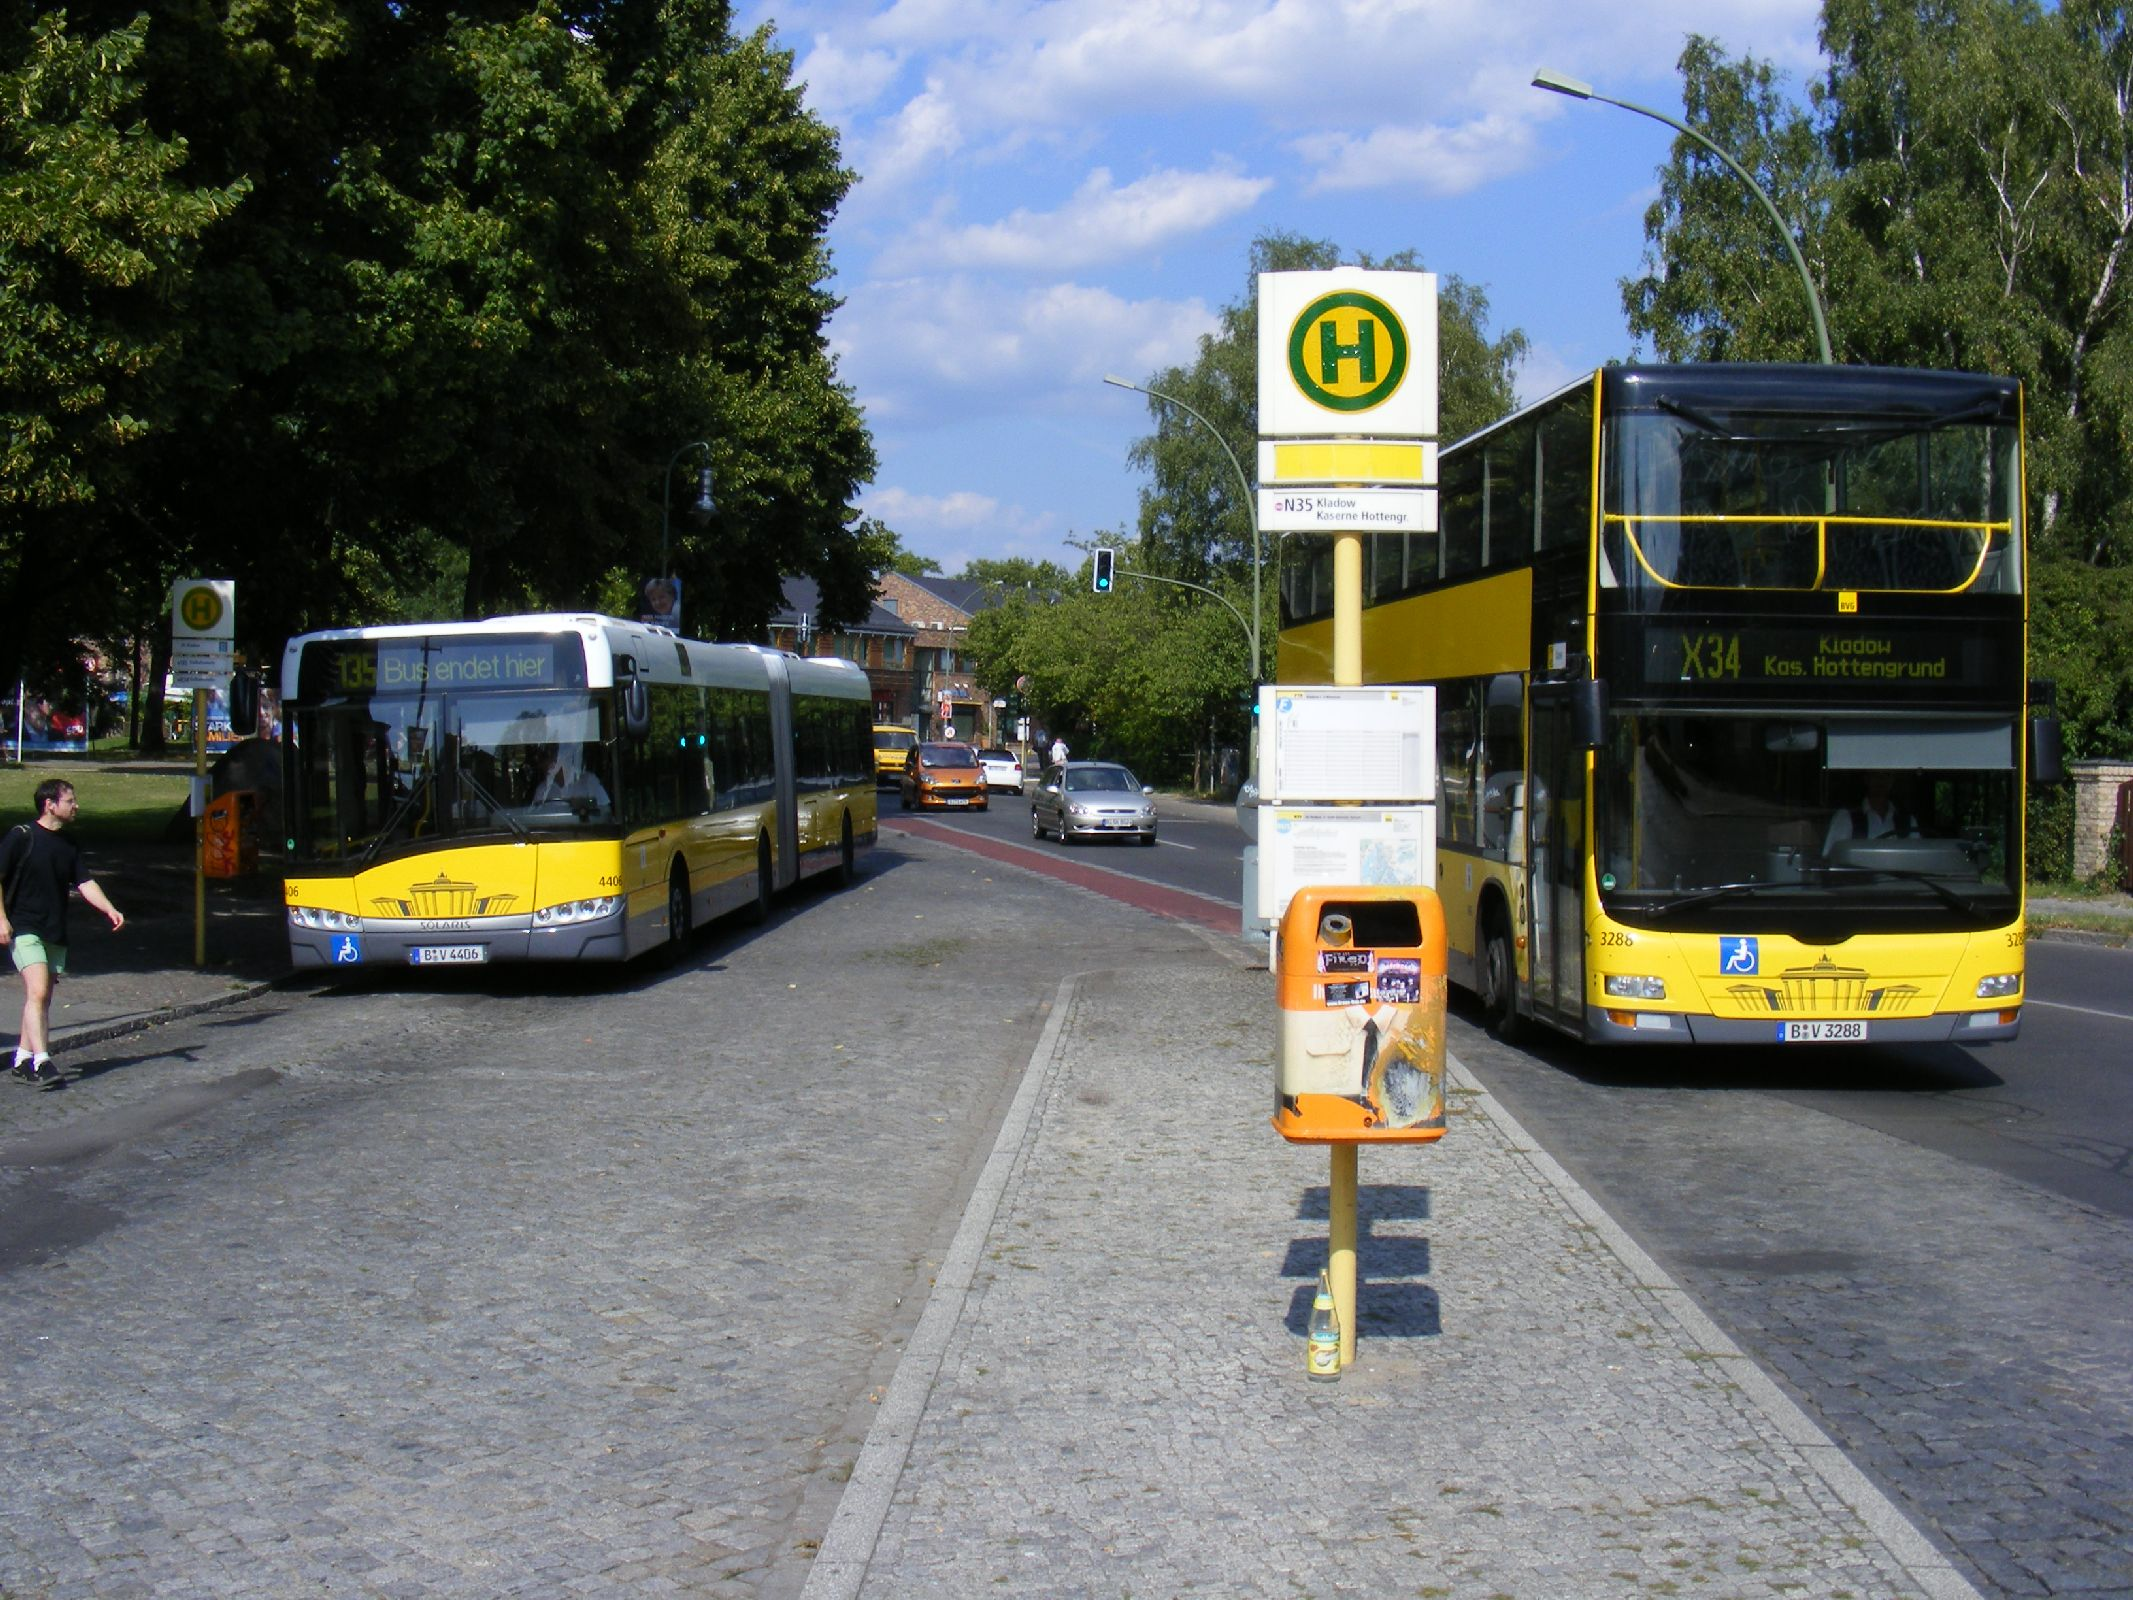 file bus terminus kladow with solaris urbino bus berlin aug 2009 flickr. Black Bedroom Furniture Sets. Home Design Ideas